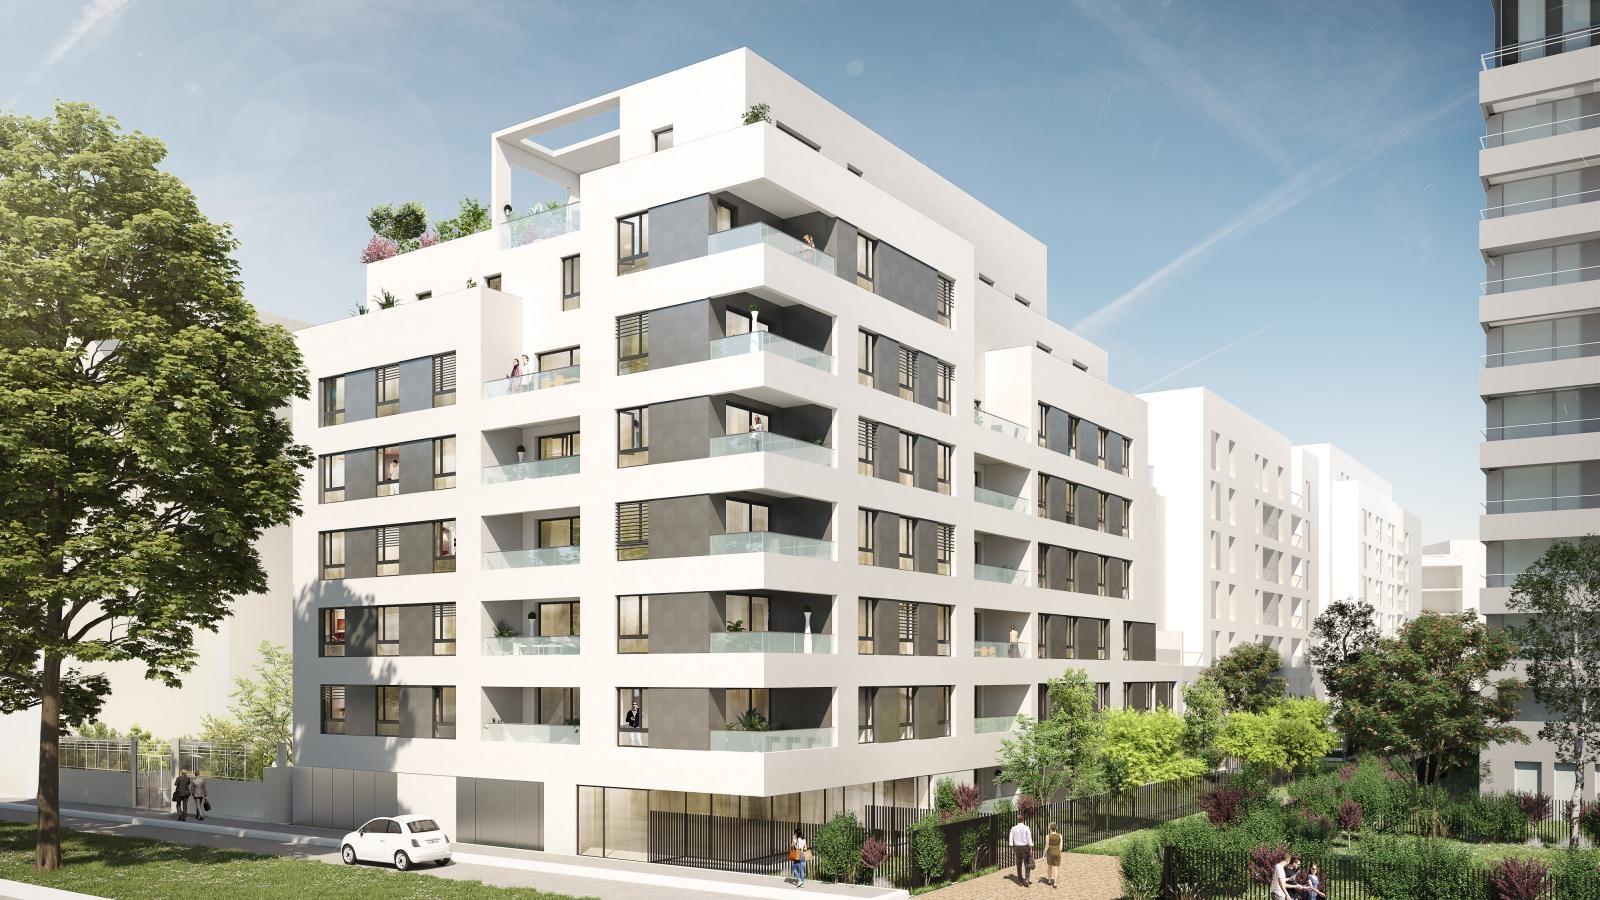 Programme immobilier Lyon 7ème (69007)  VAL 28